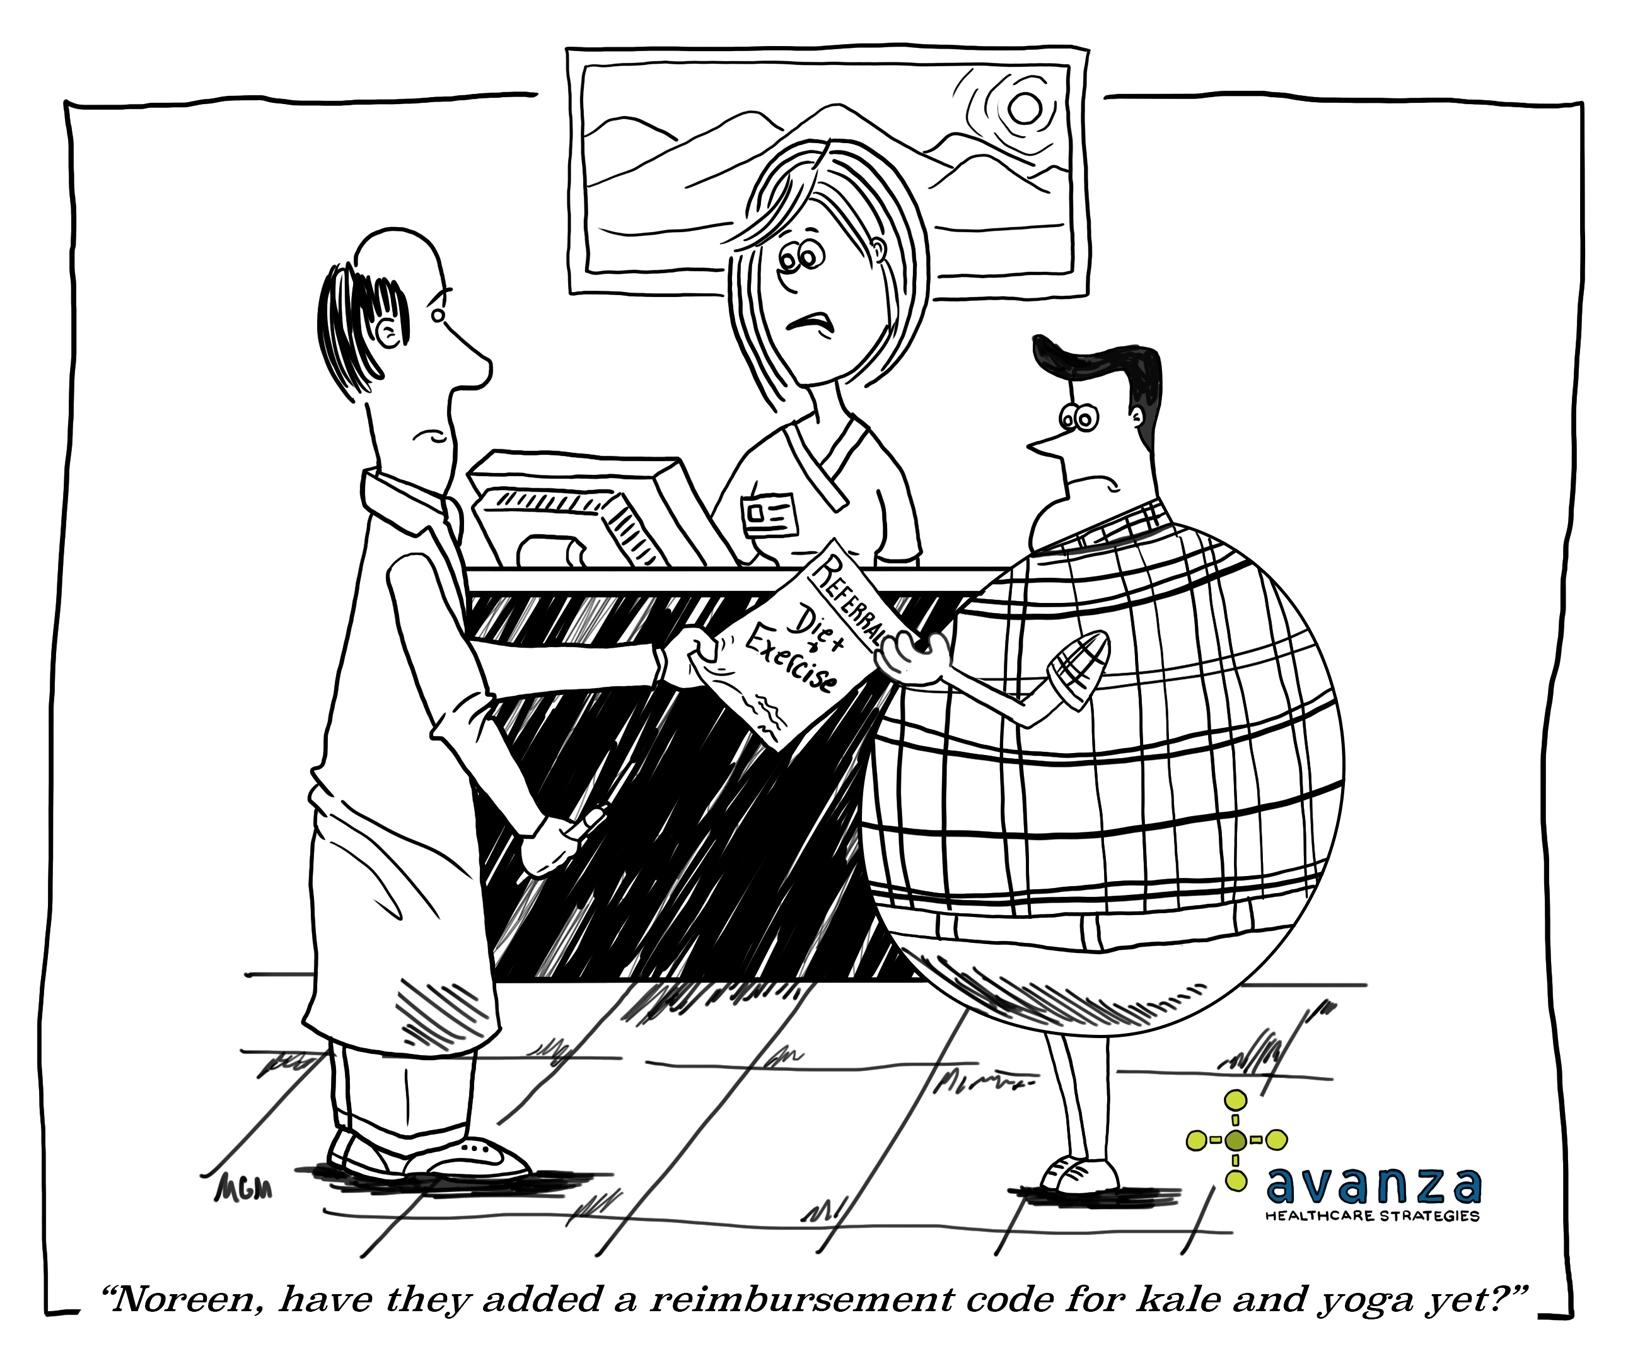 Healthcare Reimbursement Is Changing